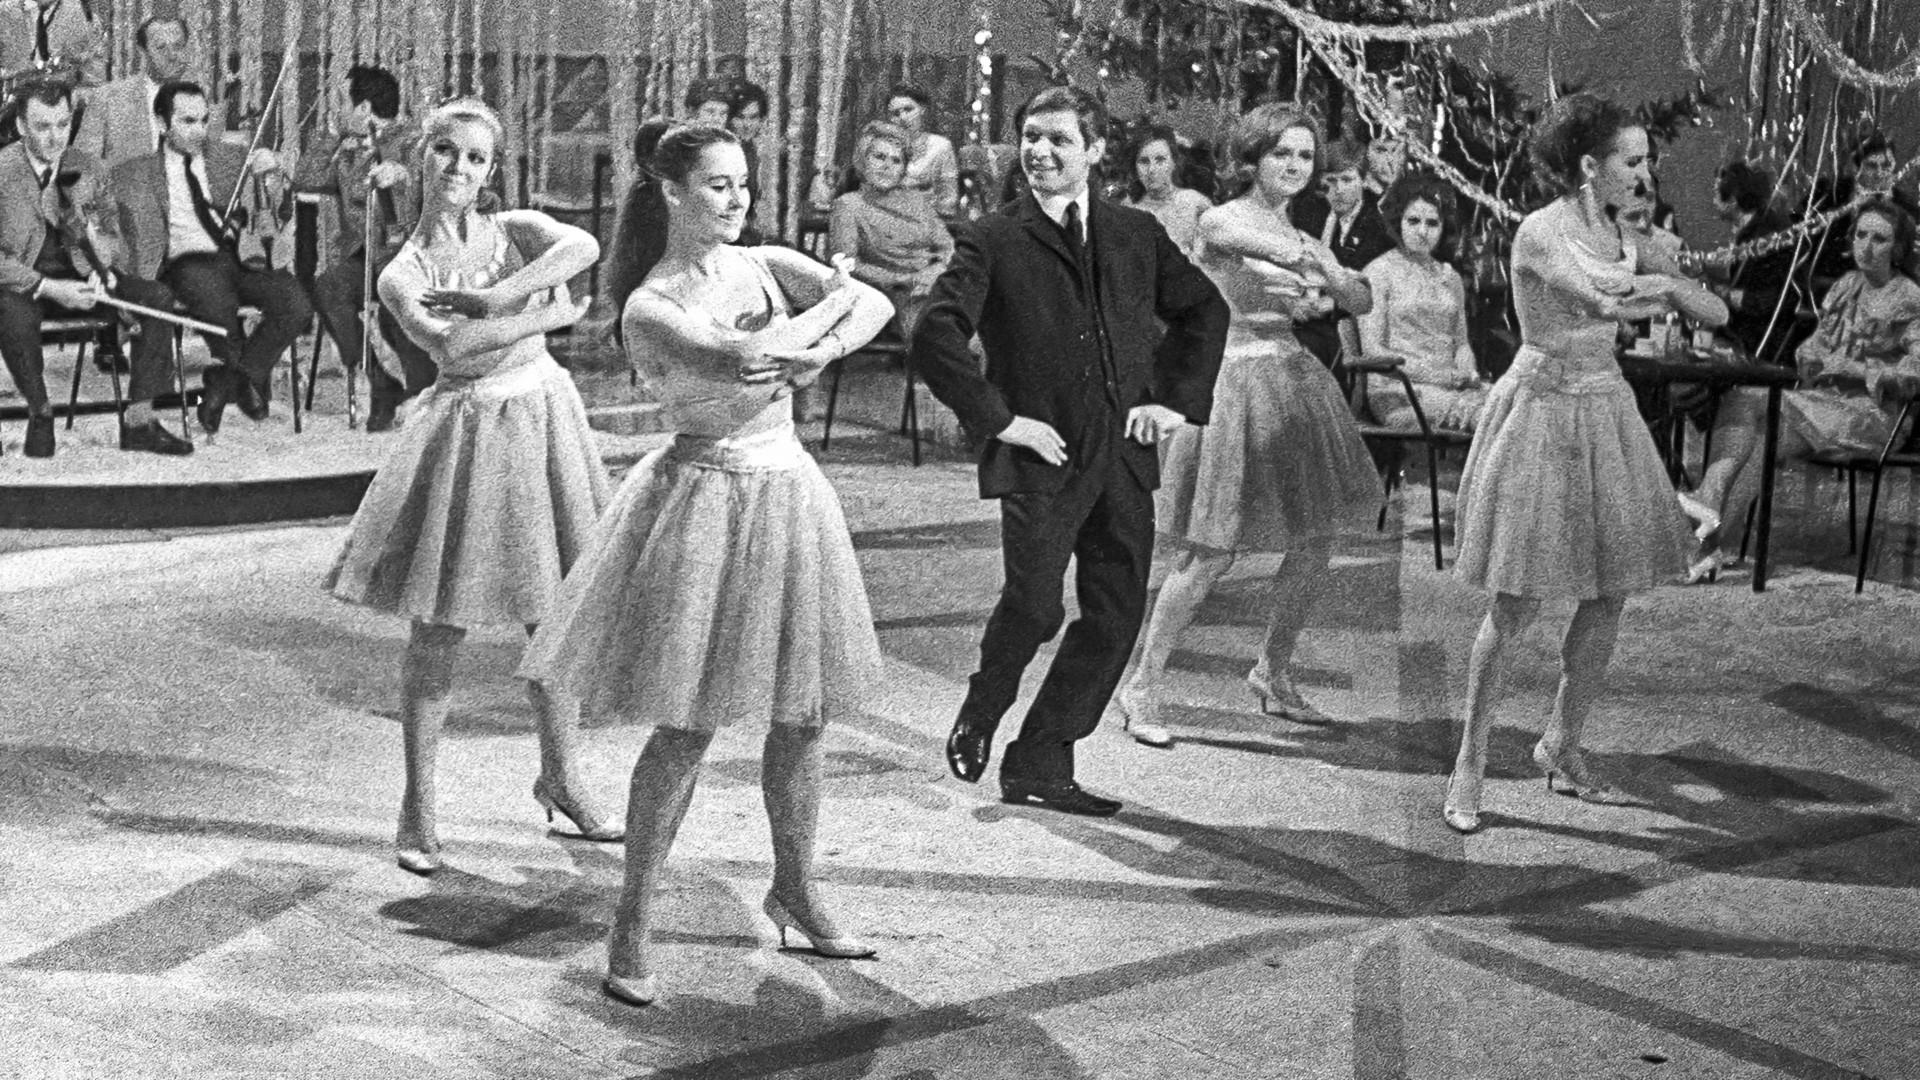 """Edouard Khil et le groupe de danse Alyé paroussa (Voiles écarlates) durant l'émission soviétique de télévision """"Flamme bleue"""", à Moscou"""